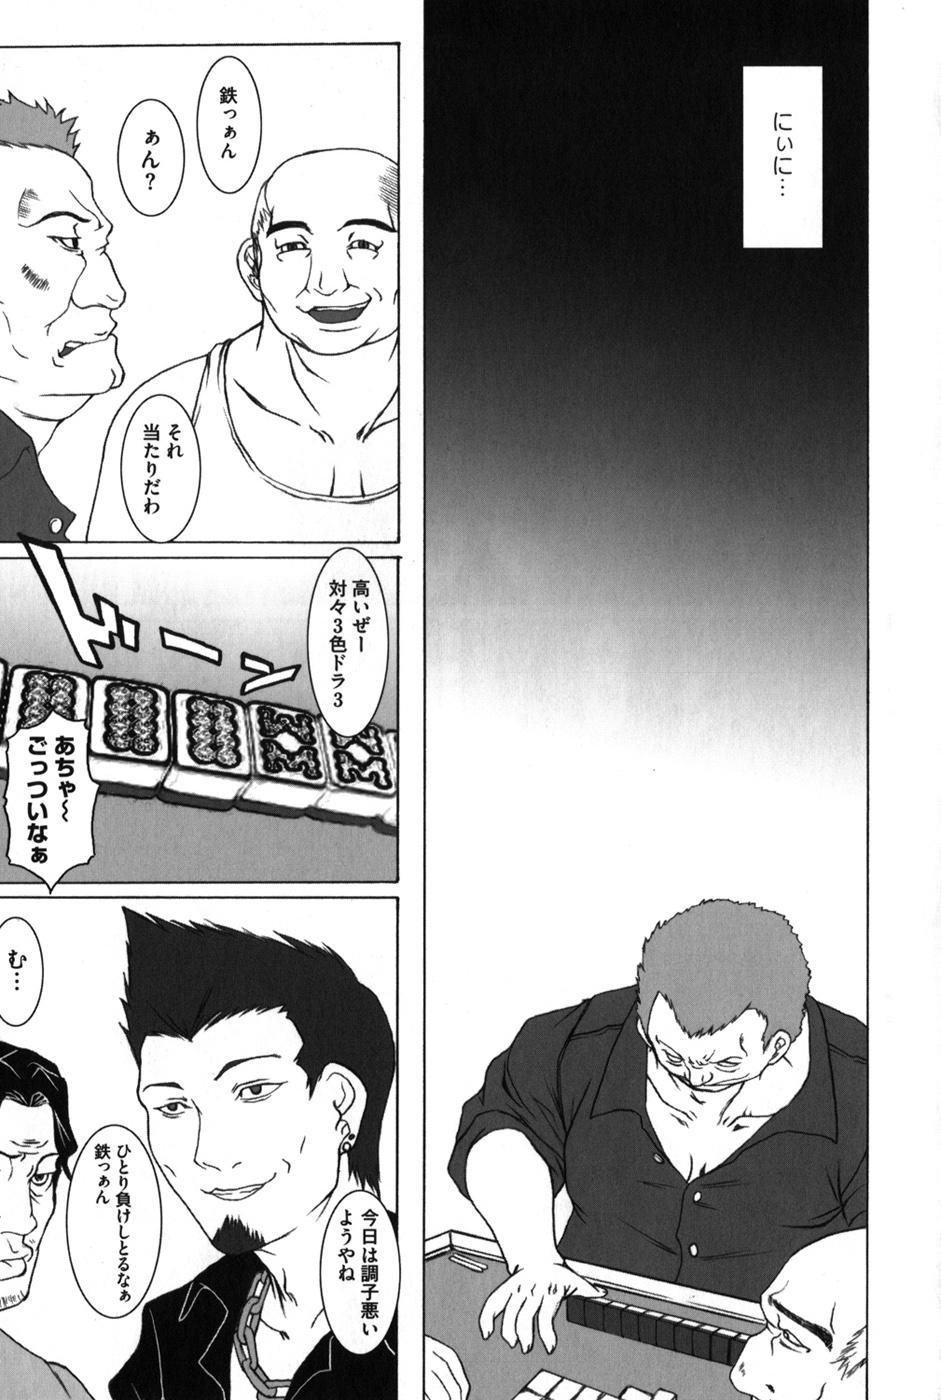 HiguERO no naku koro ni 11